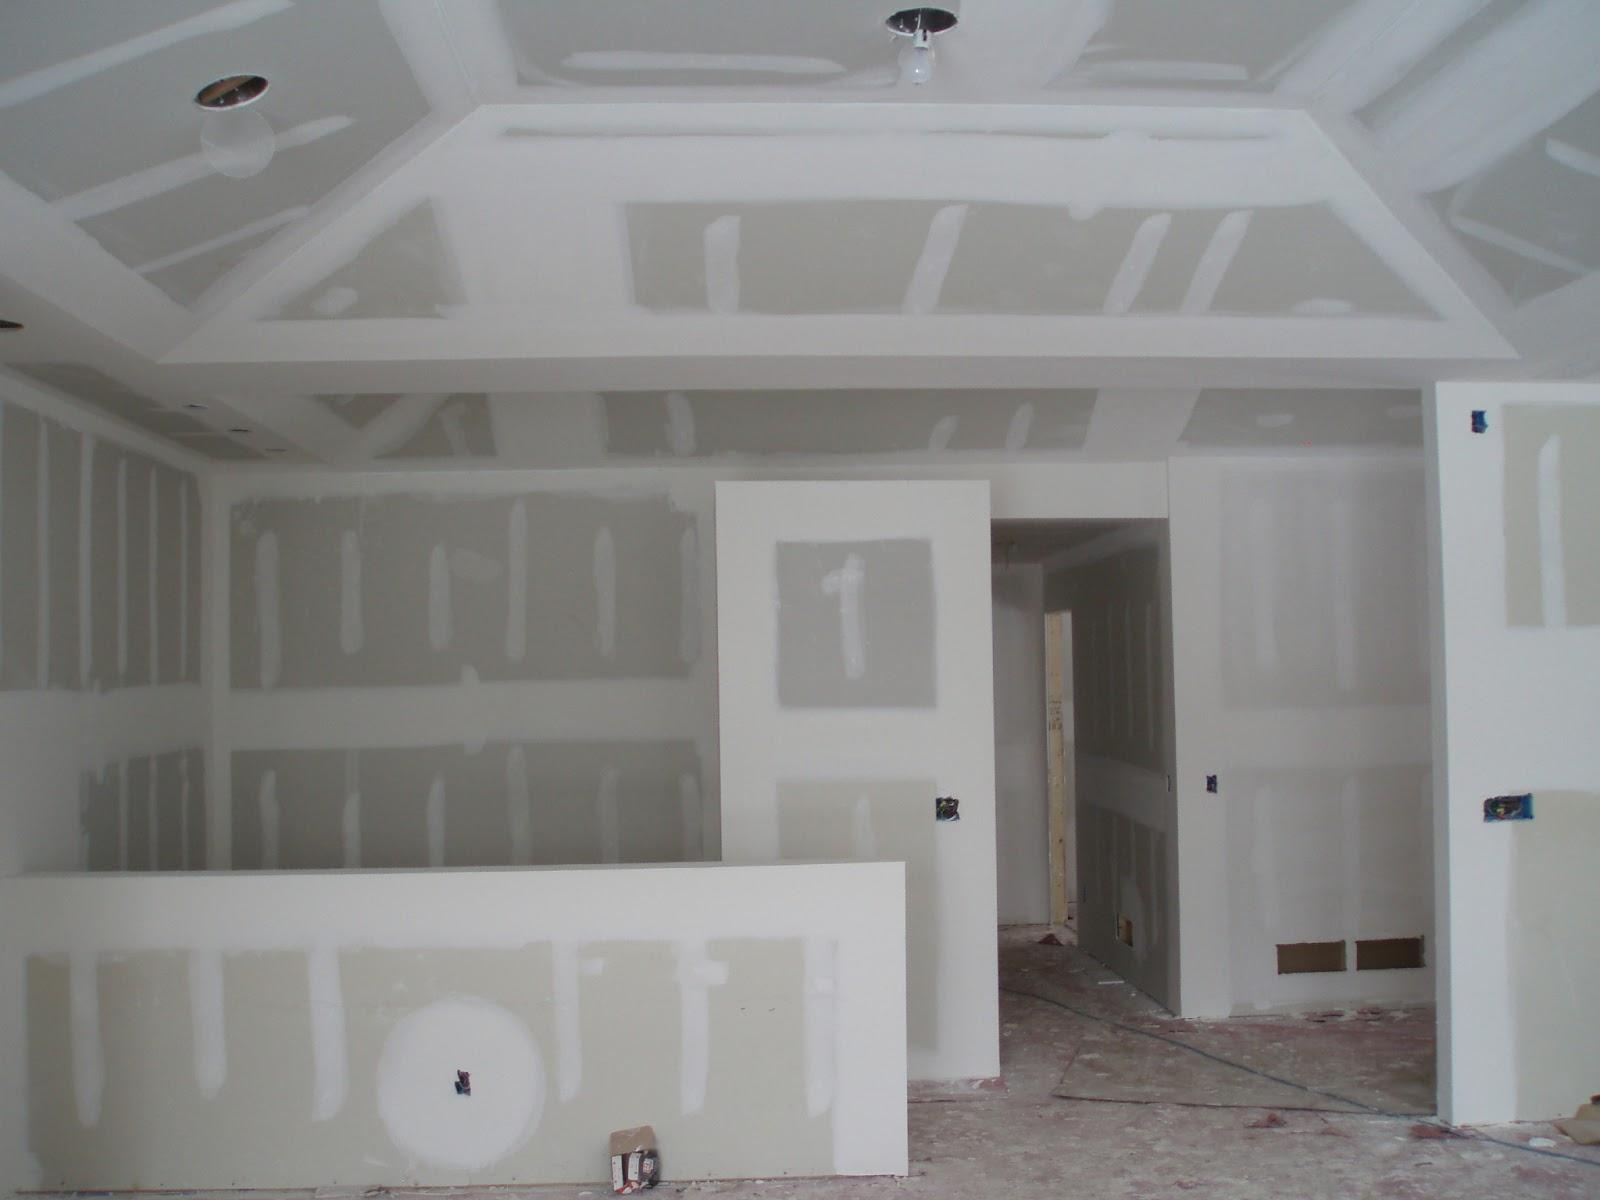 Pladur pintor las palmas - Muebles de pladur para salon ...